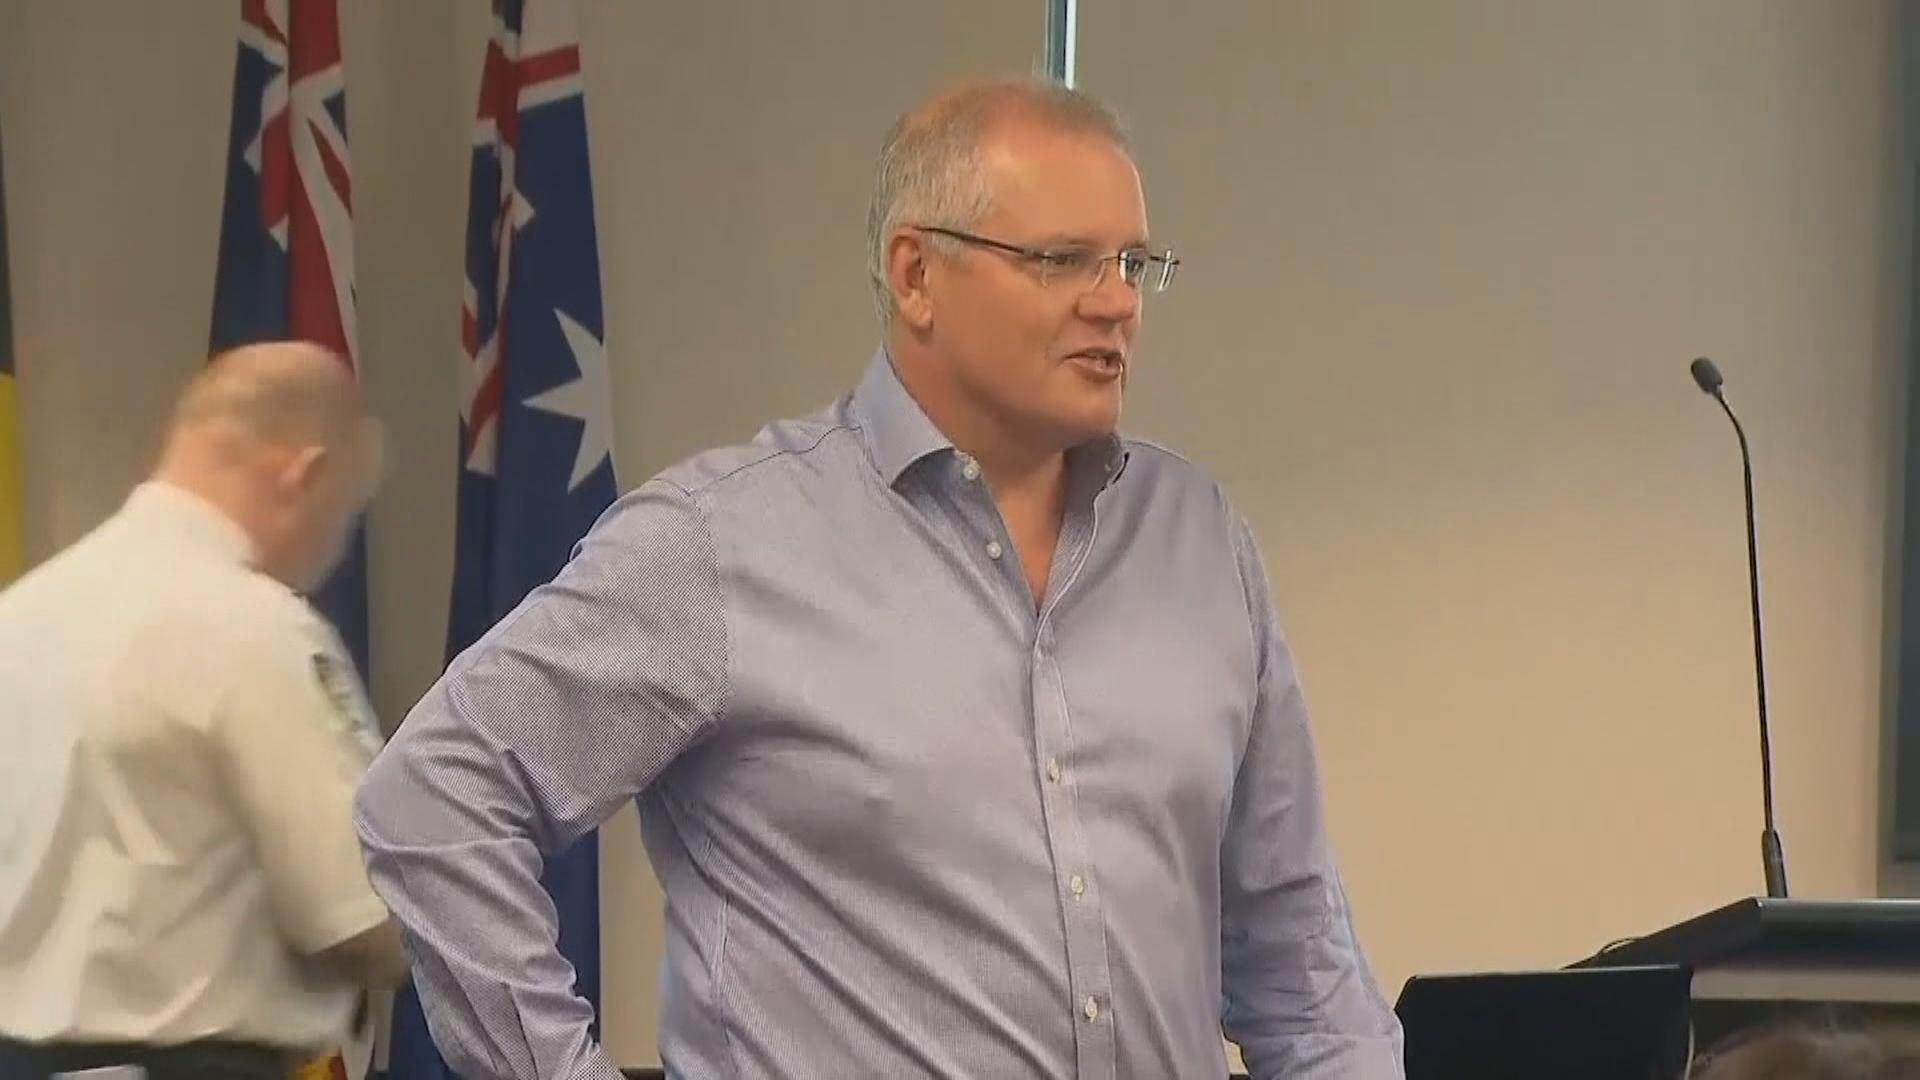 澳洲總理中斷假期 提早回國處理山火災情